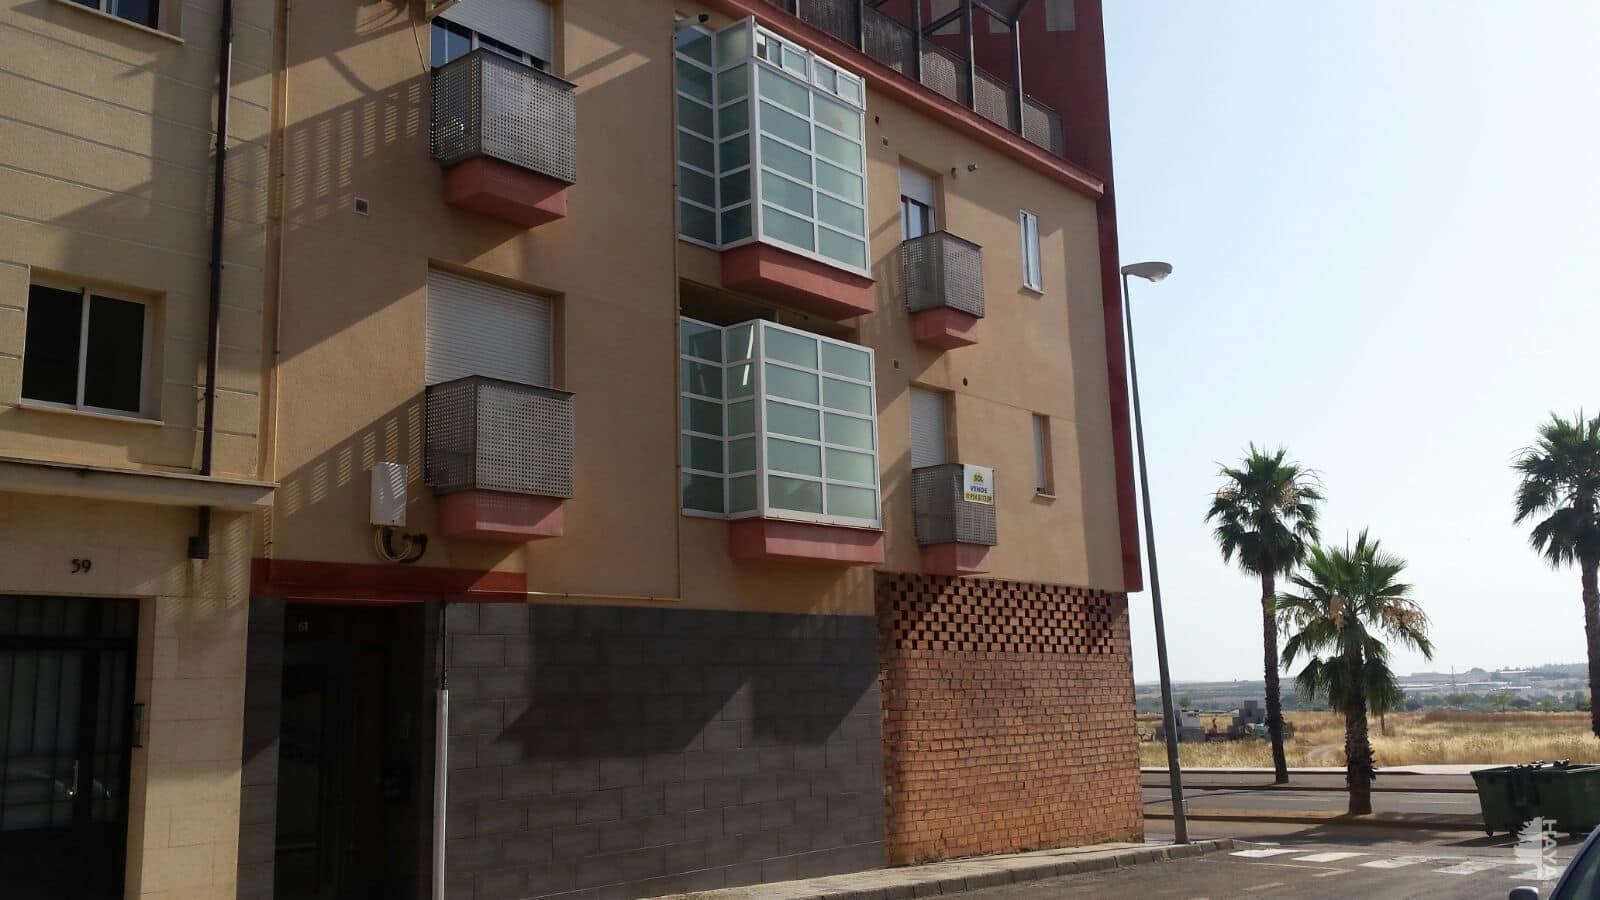 Piso en venta en Don Benito, Badajoz, Calle Búrdalo, 49.455 €, 1 habitación, 1 baño, 63 m2